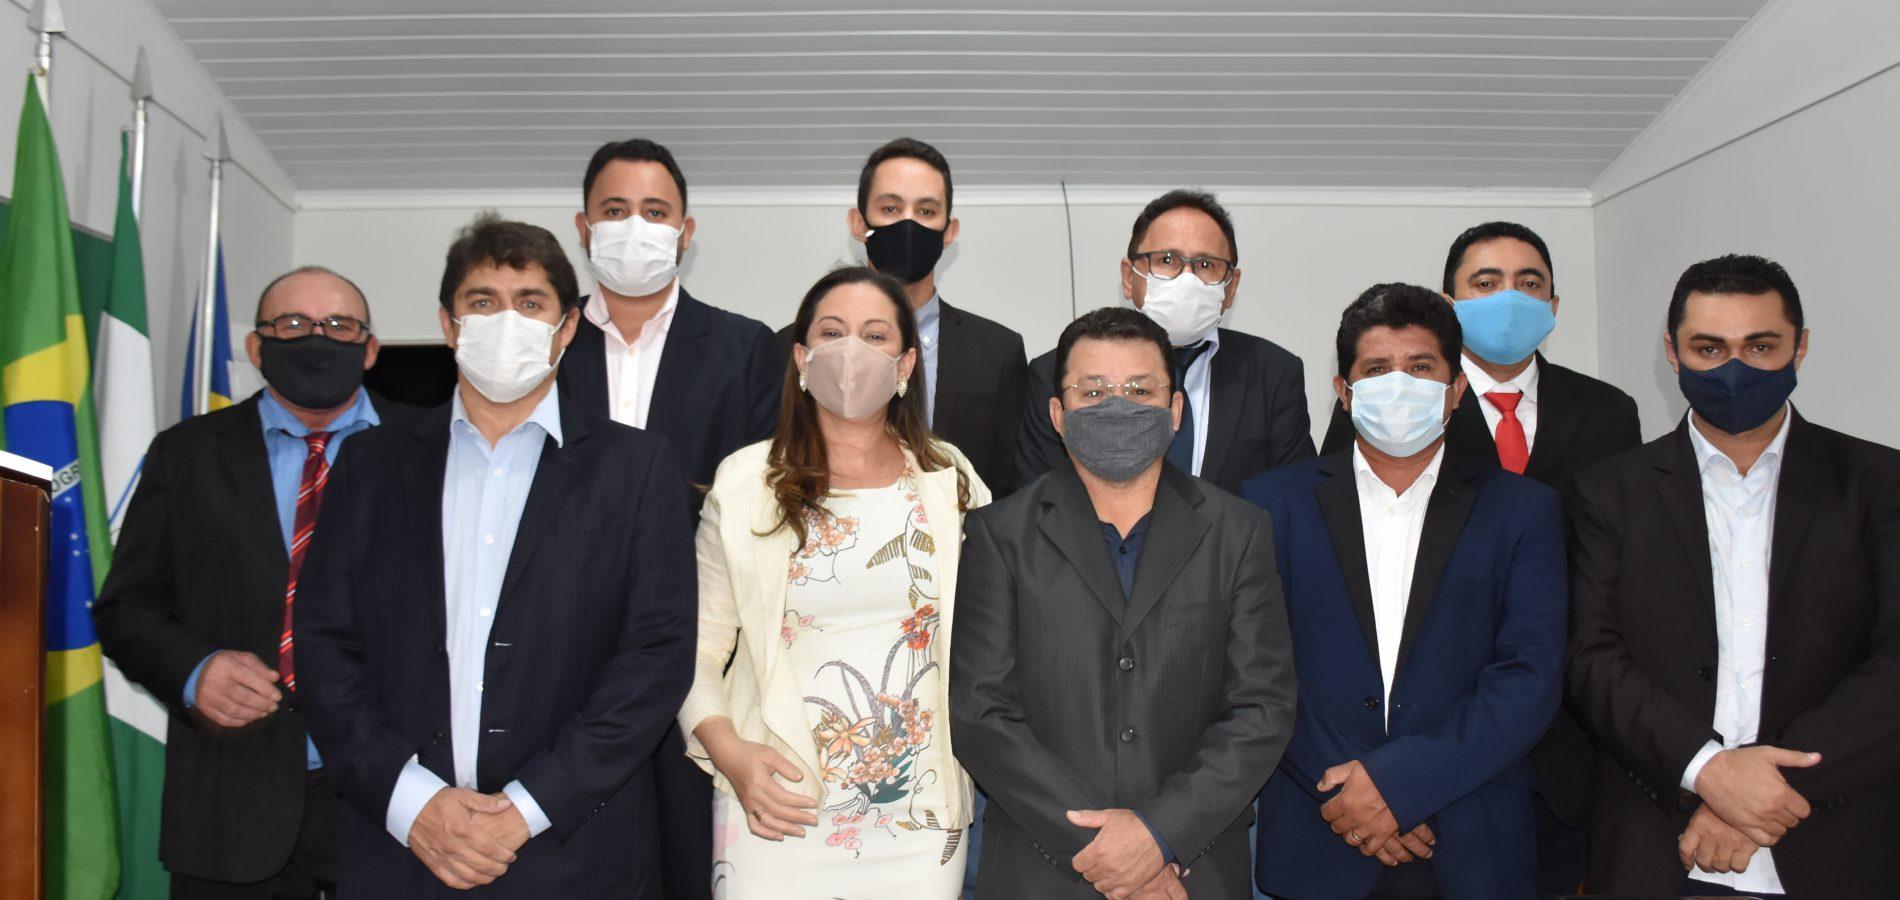 SÃO JULIÃO | Câmara realiza 1ª sessão do ano e prefeito e vice apresentam mensagens; fotos